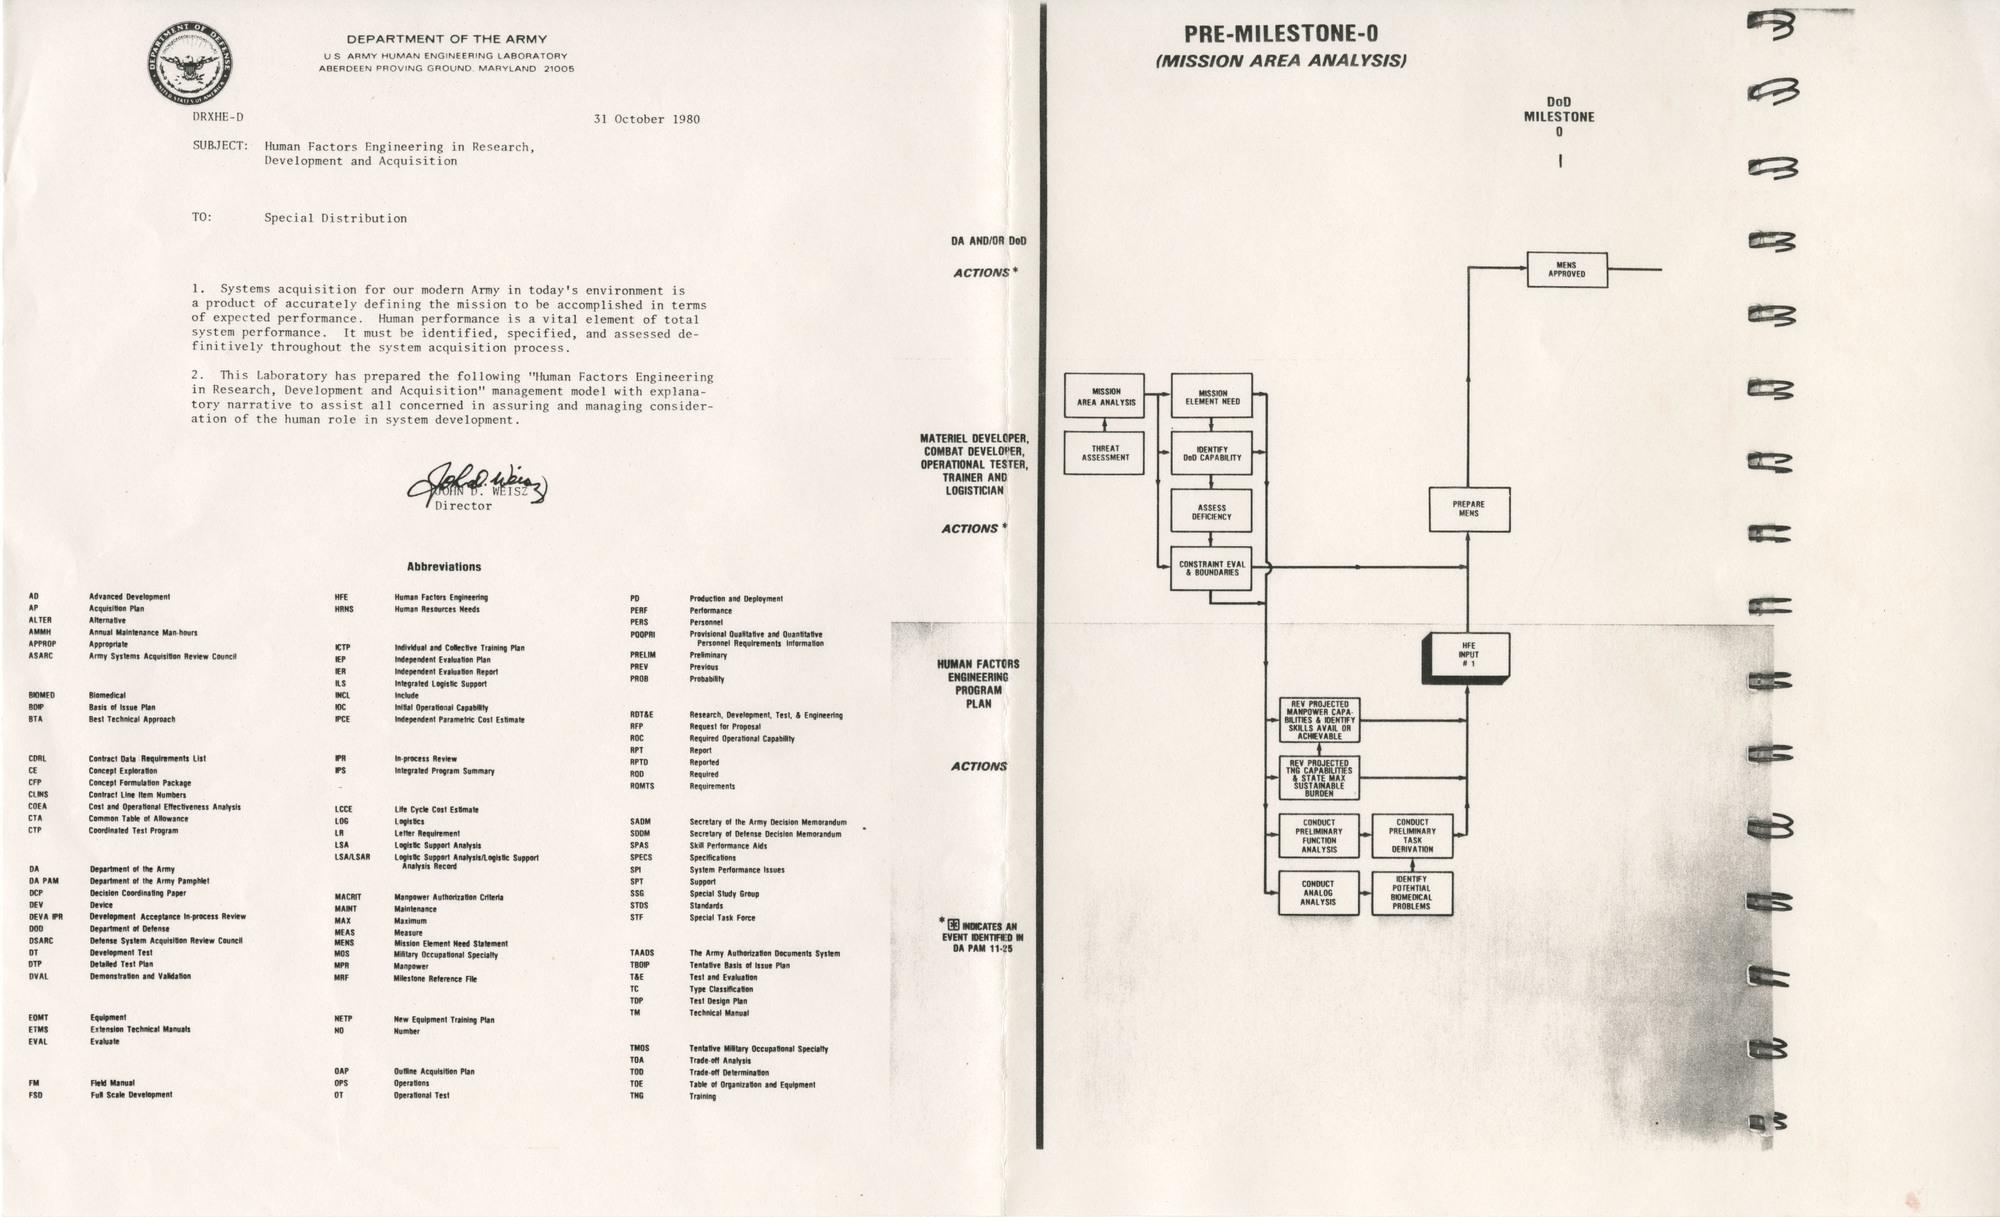 http://spec.lib.vt.edu/pickup/Omeka_upload/Ms1989-029_B19_F2_Administrative_1980_1031a.jpg